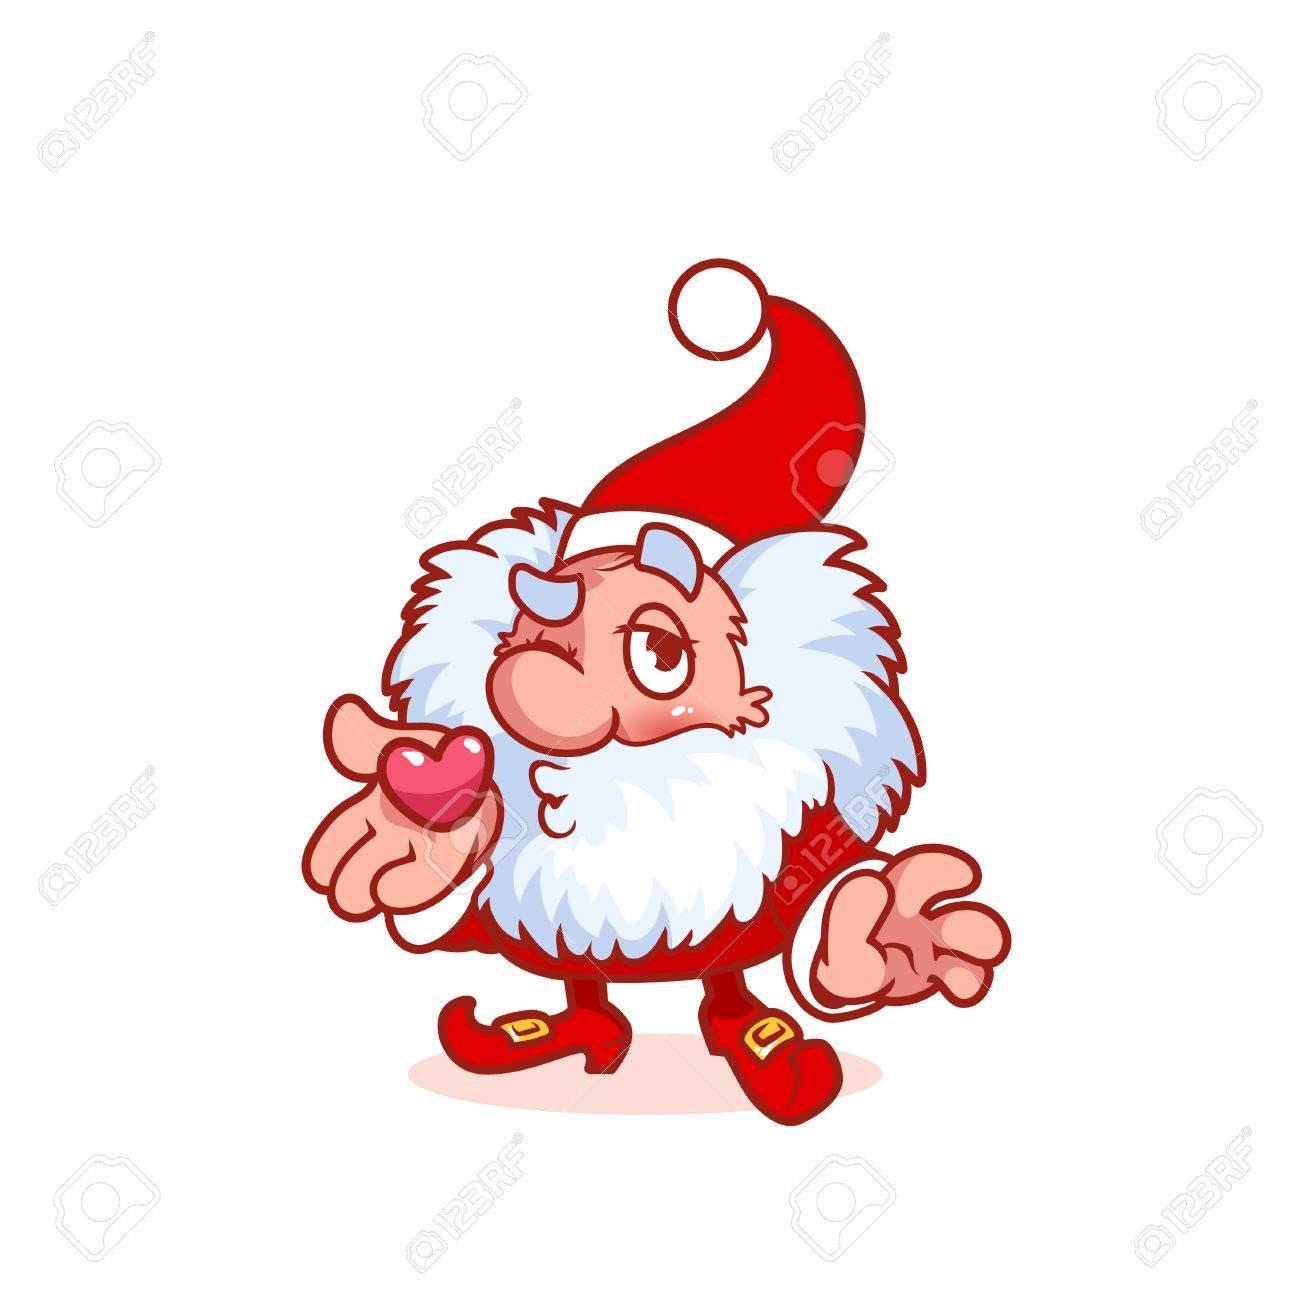 クリスマスの gnome の面白い漫画のキャラクター。クリップ アート